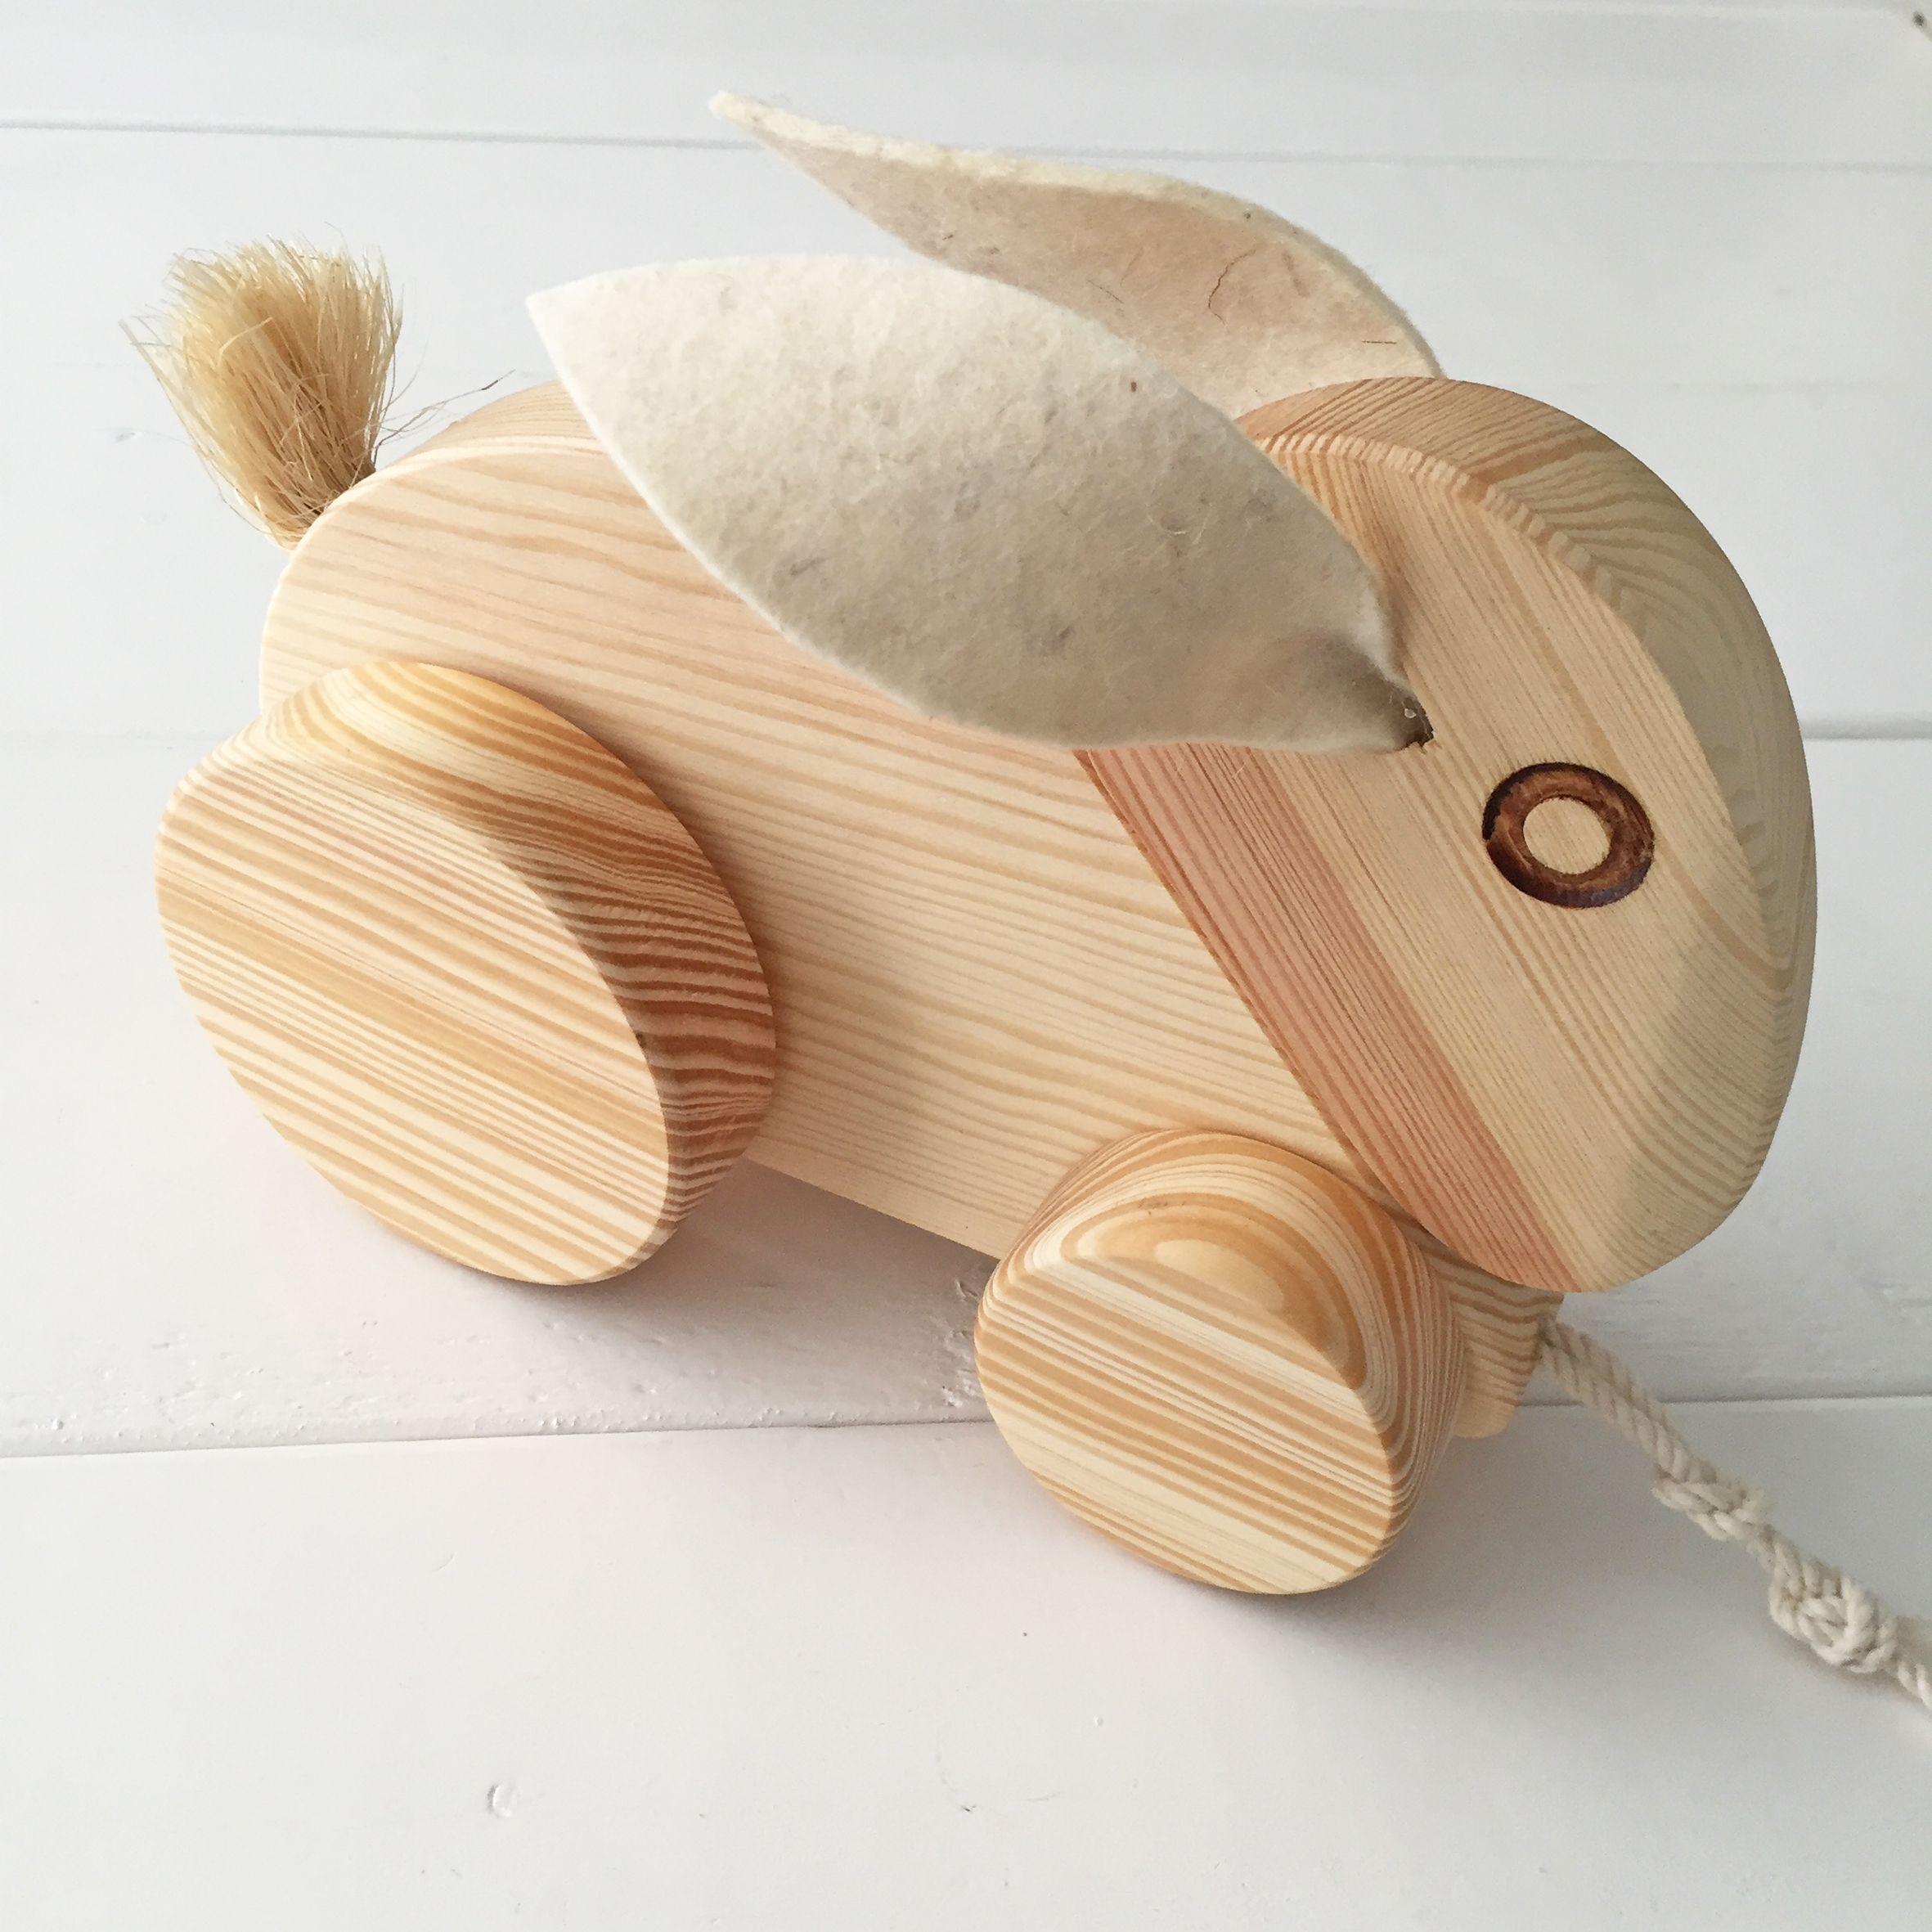 houten trekkonijn trek r hout kraamcadeau houten speelgoed